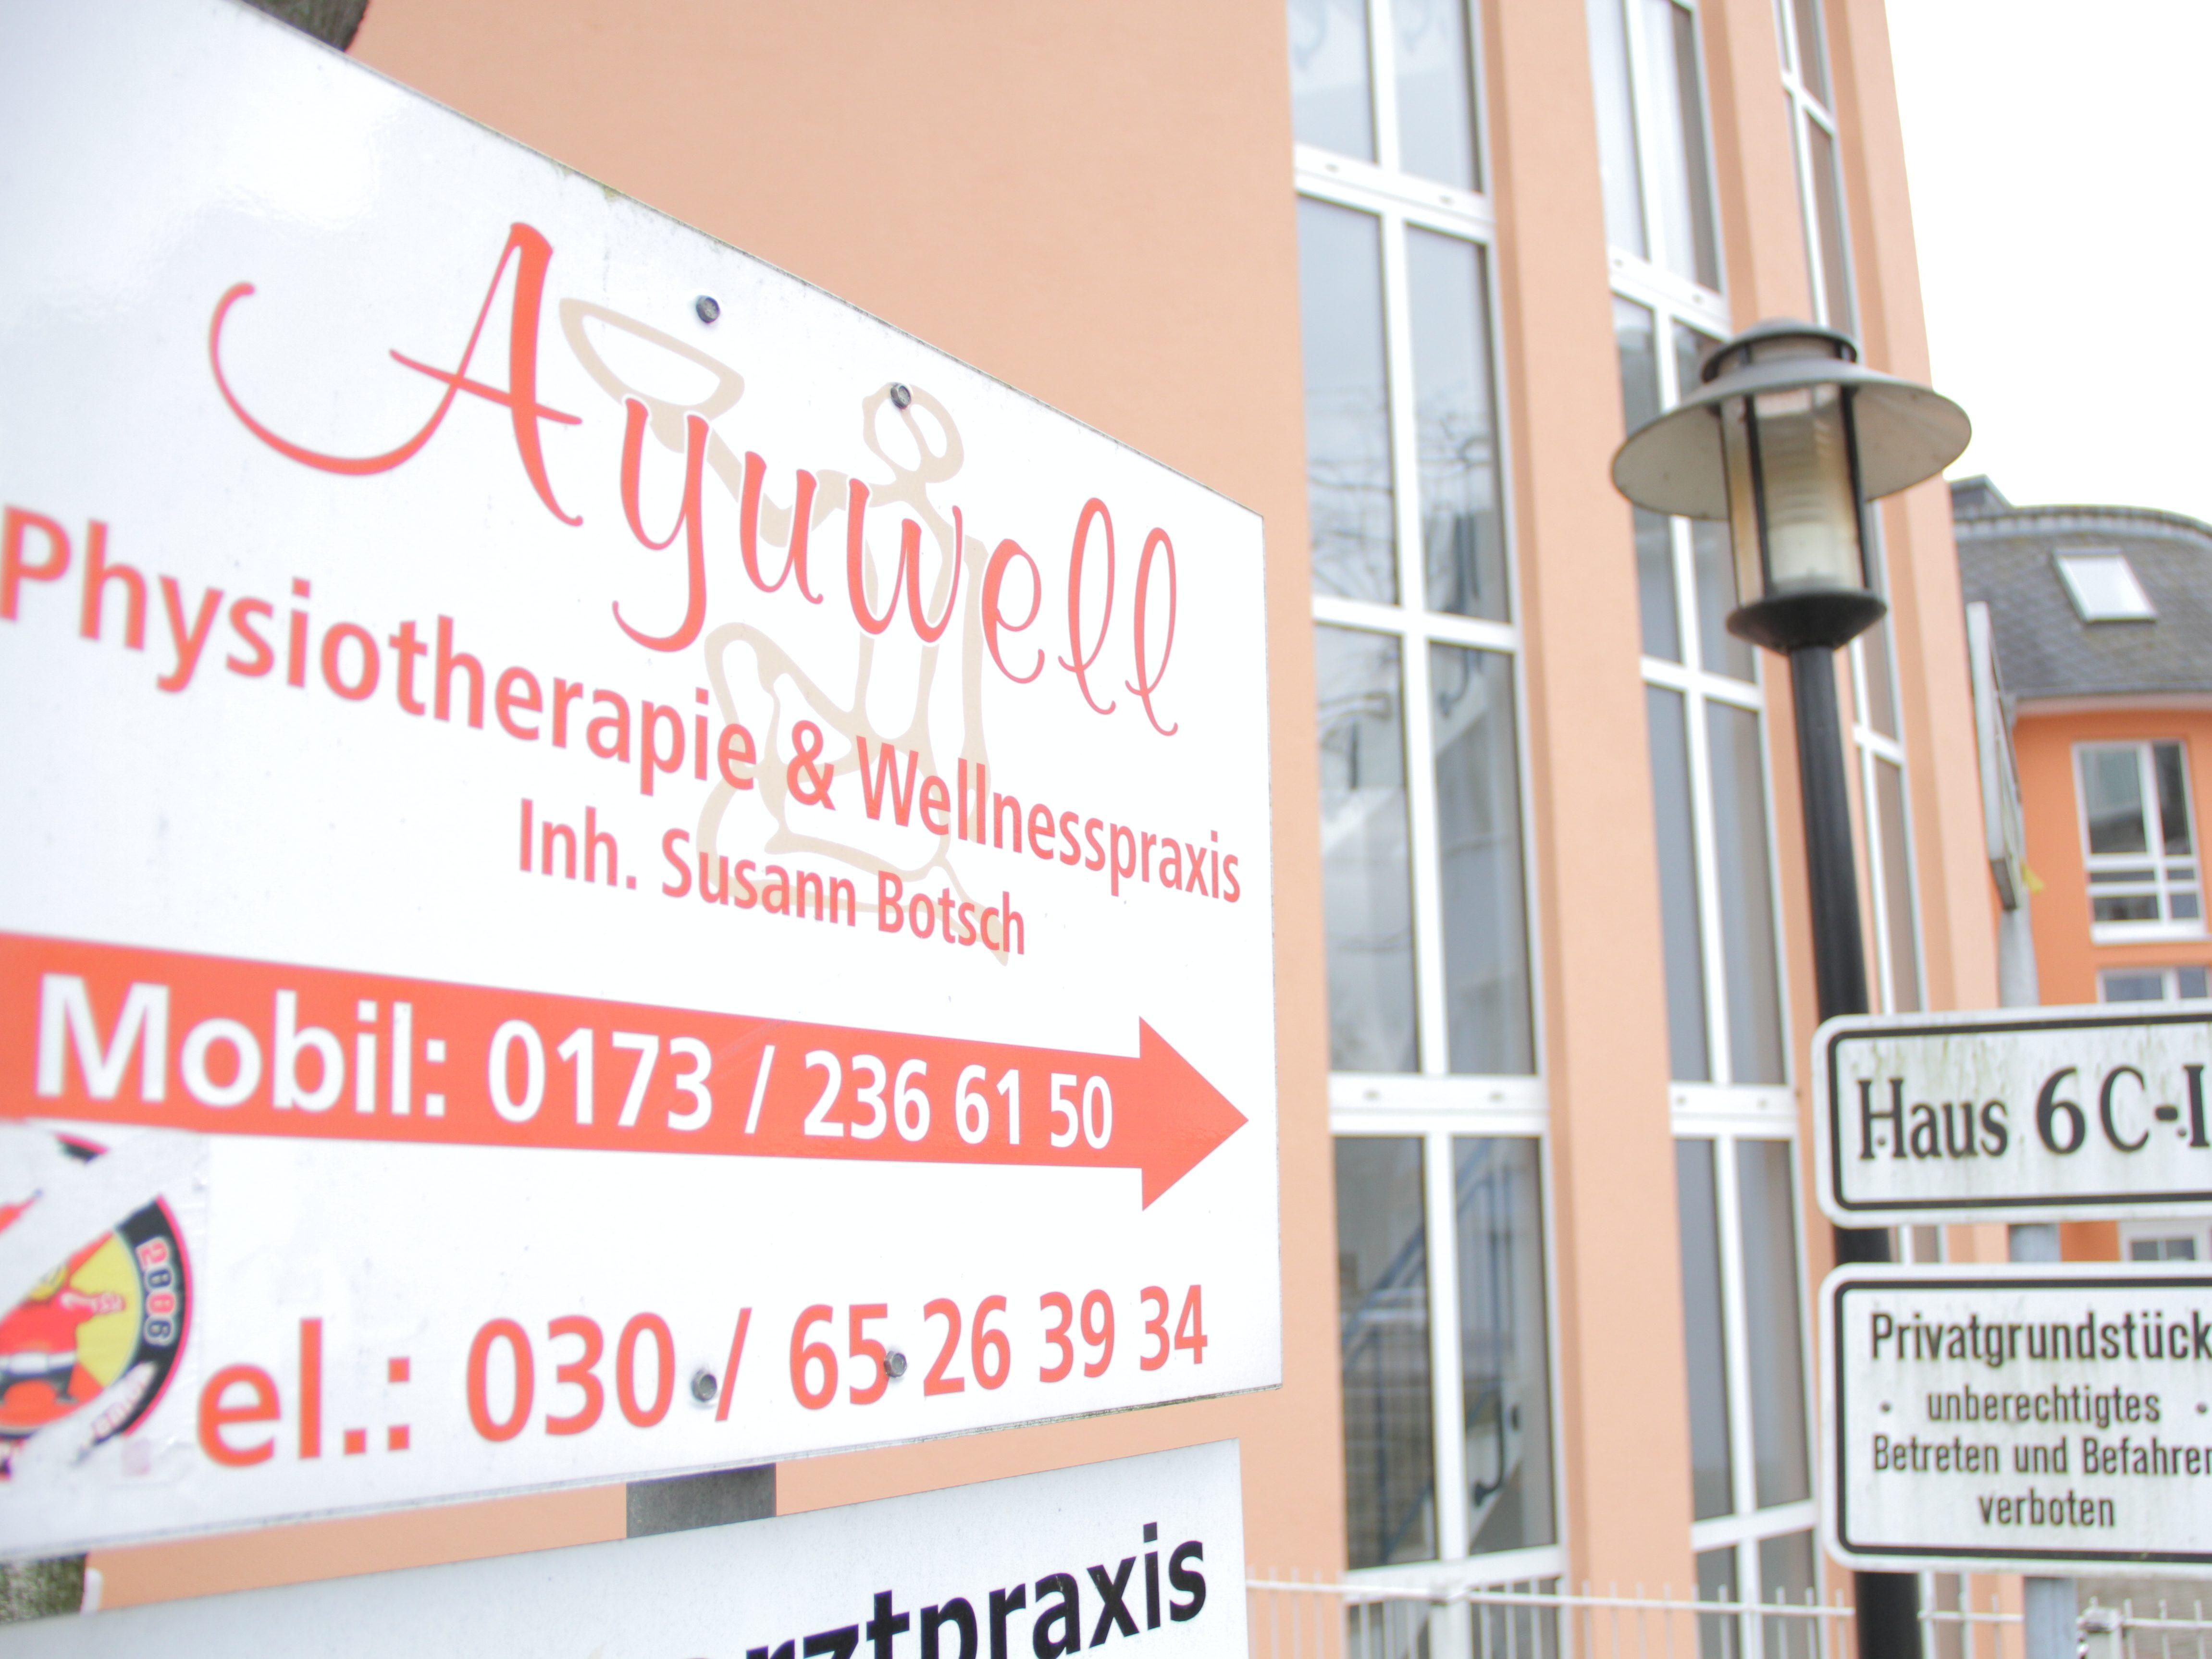 Ayuwell Berlin Köpenick